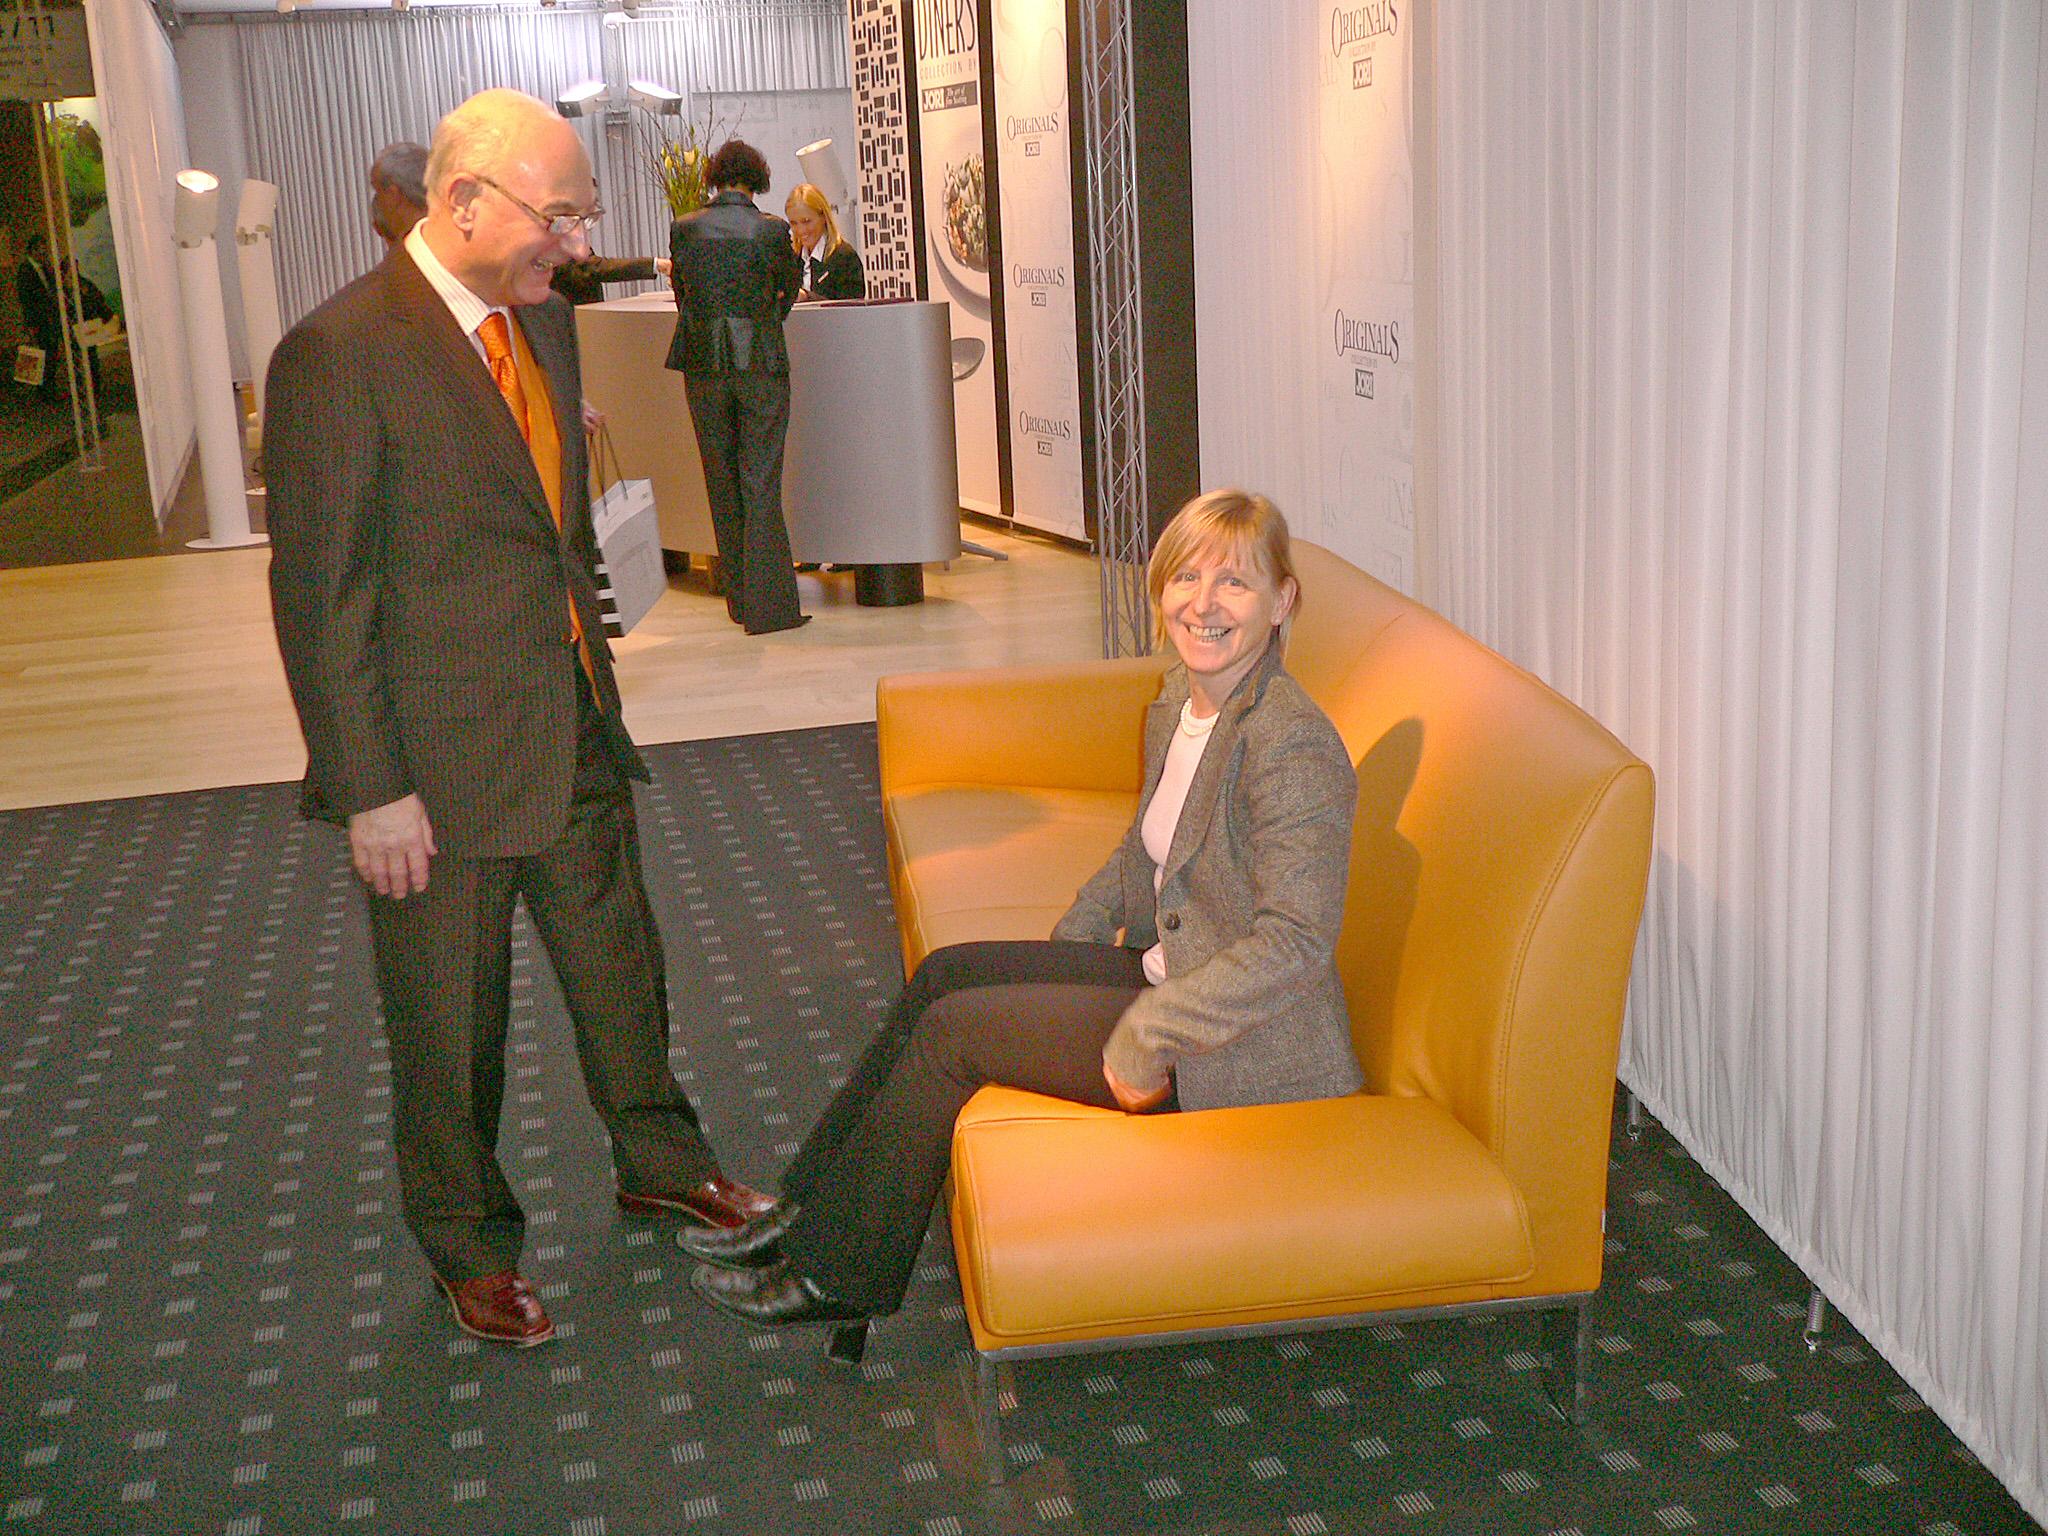 Besuch bei Jori in Belgien - Das Nachhaltigkeitsblog der Möbelmacher